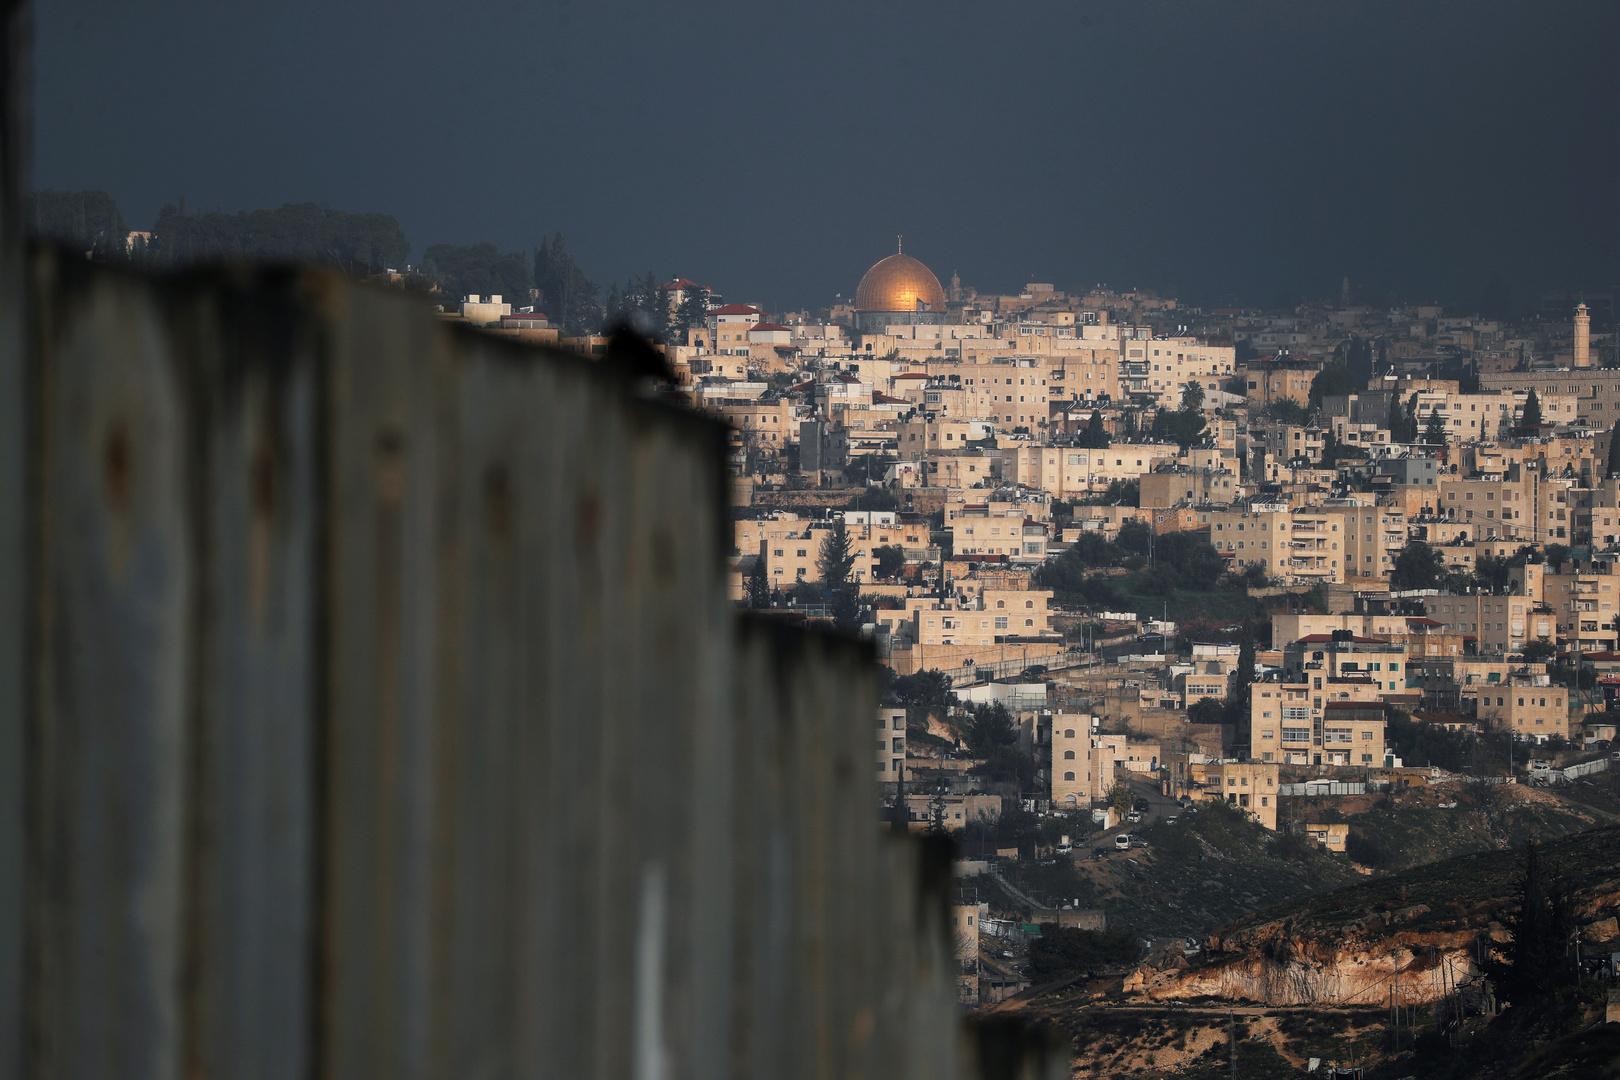 الأمم المتحدة ودول أوروبية تطالب إسرائيل السماح بإجراء الانتخابات الفلسطينية في القدس